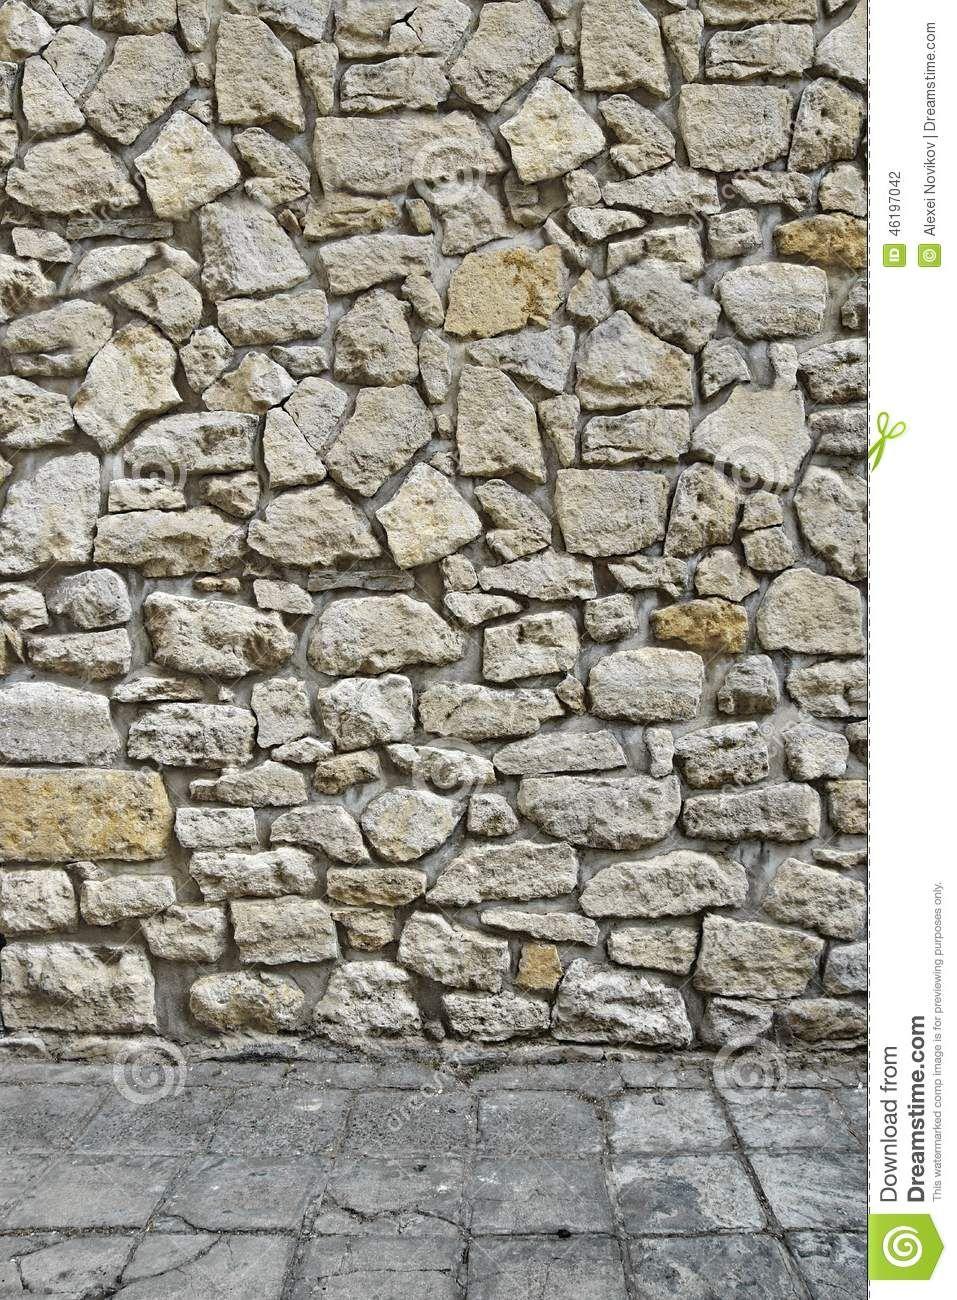 En piedra para exterior camino de piedra piedra Piedra pared exterior